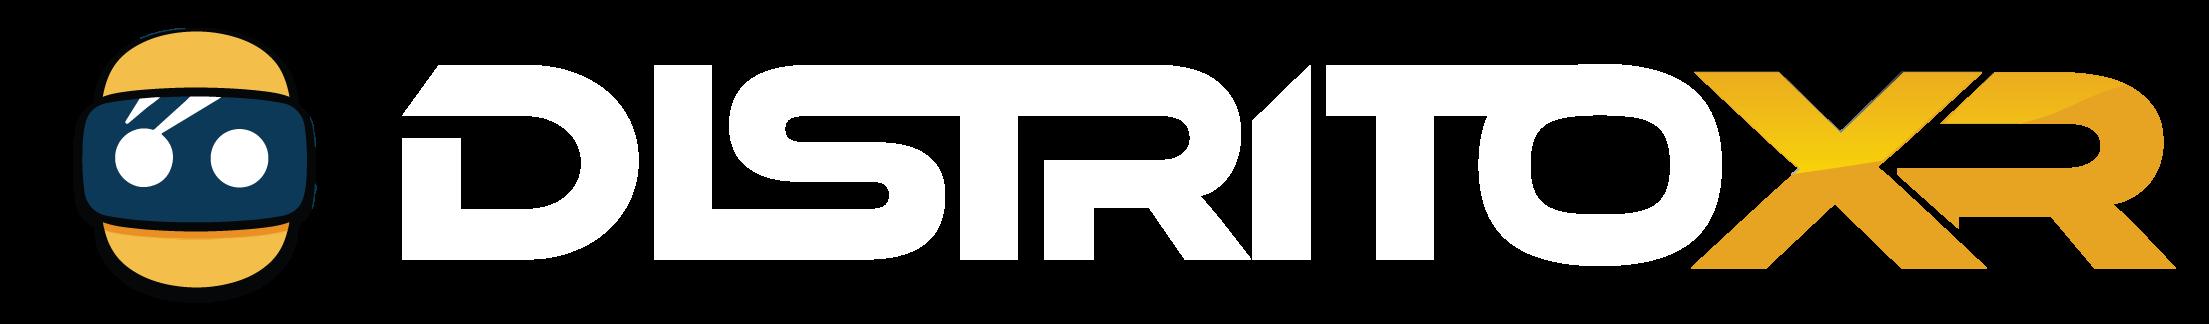 Distrito XR